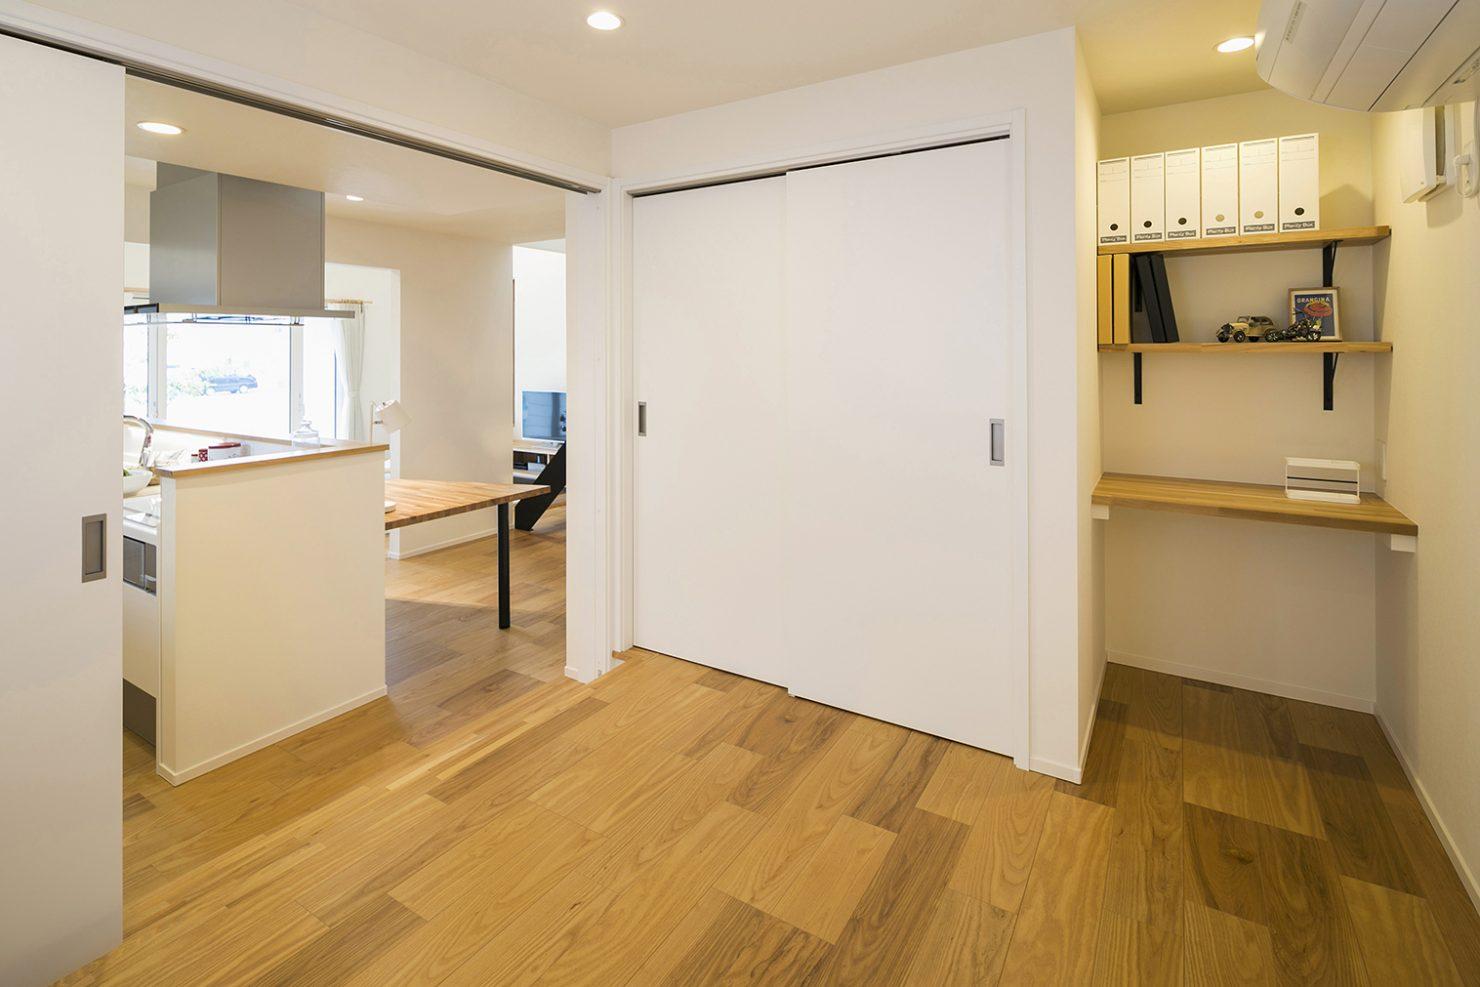 ハウスM21「時代に即した新たな形の「平屋」空間」寝室写真